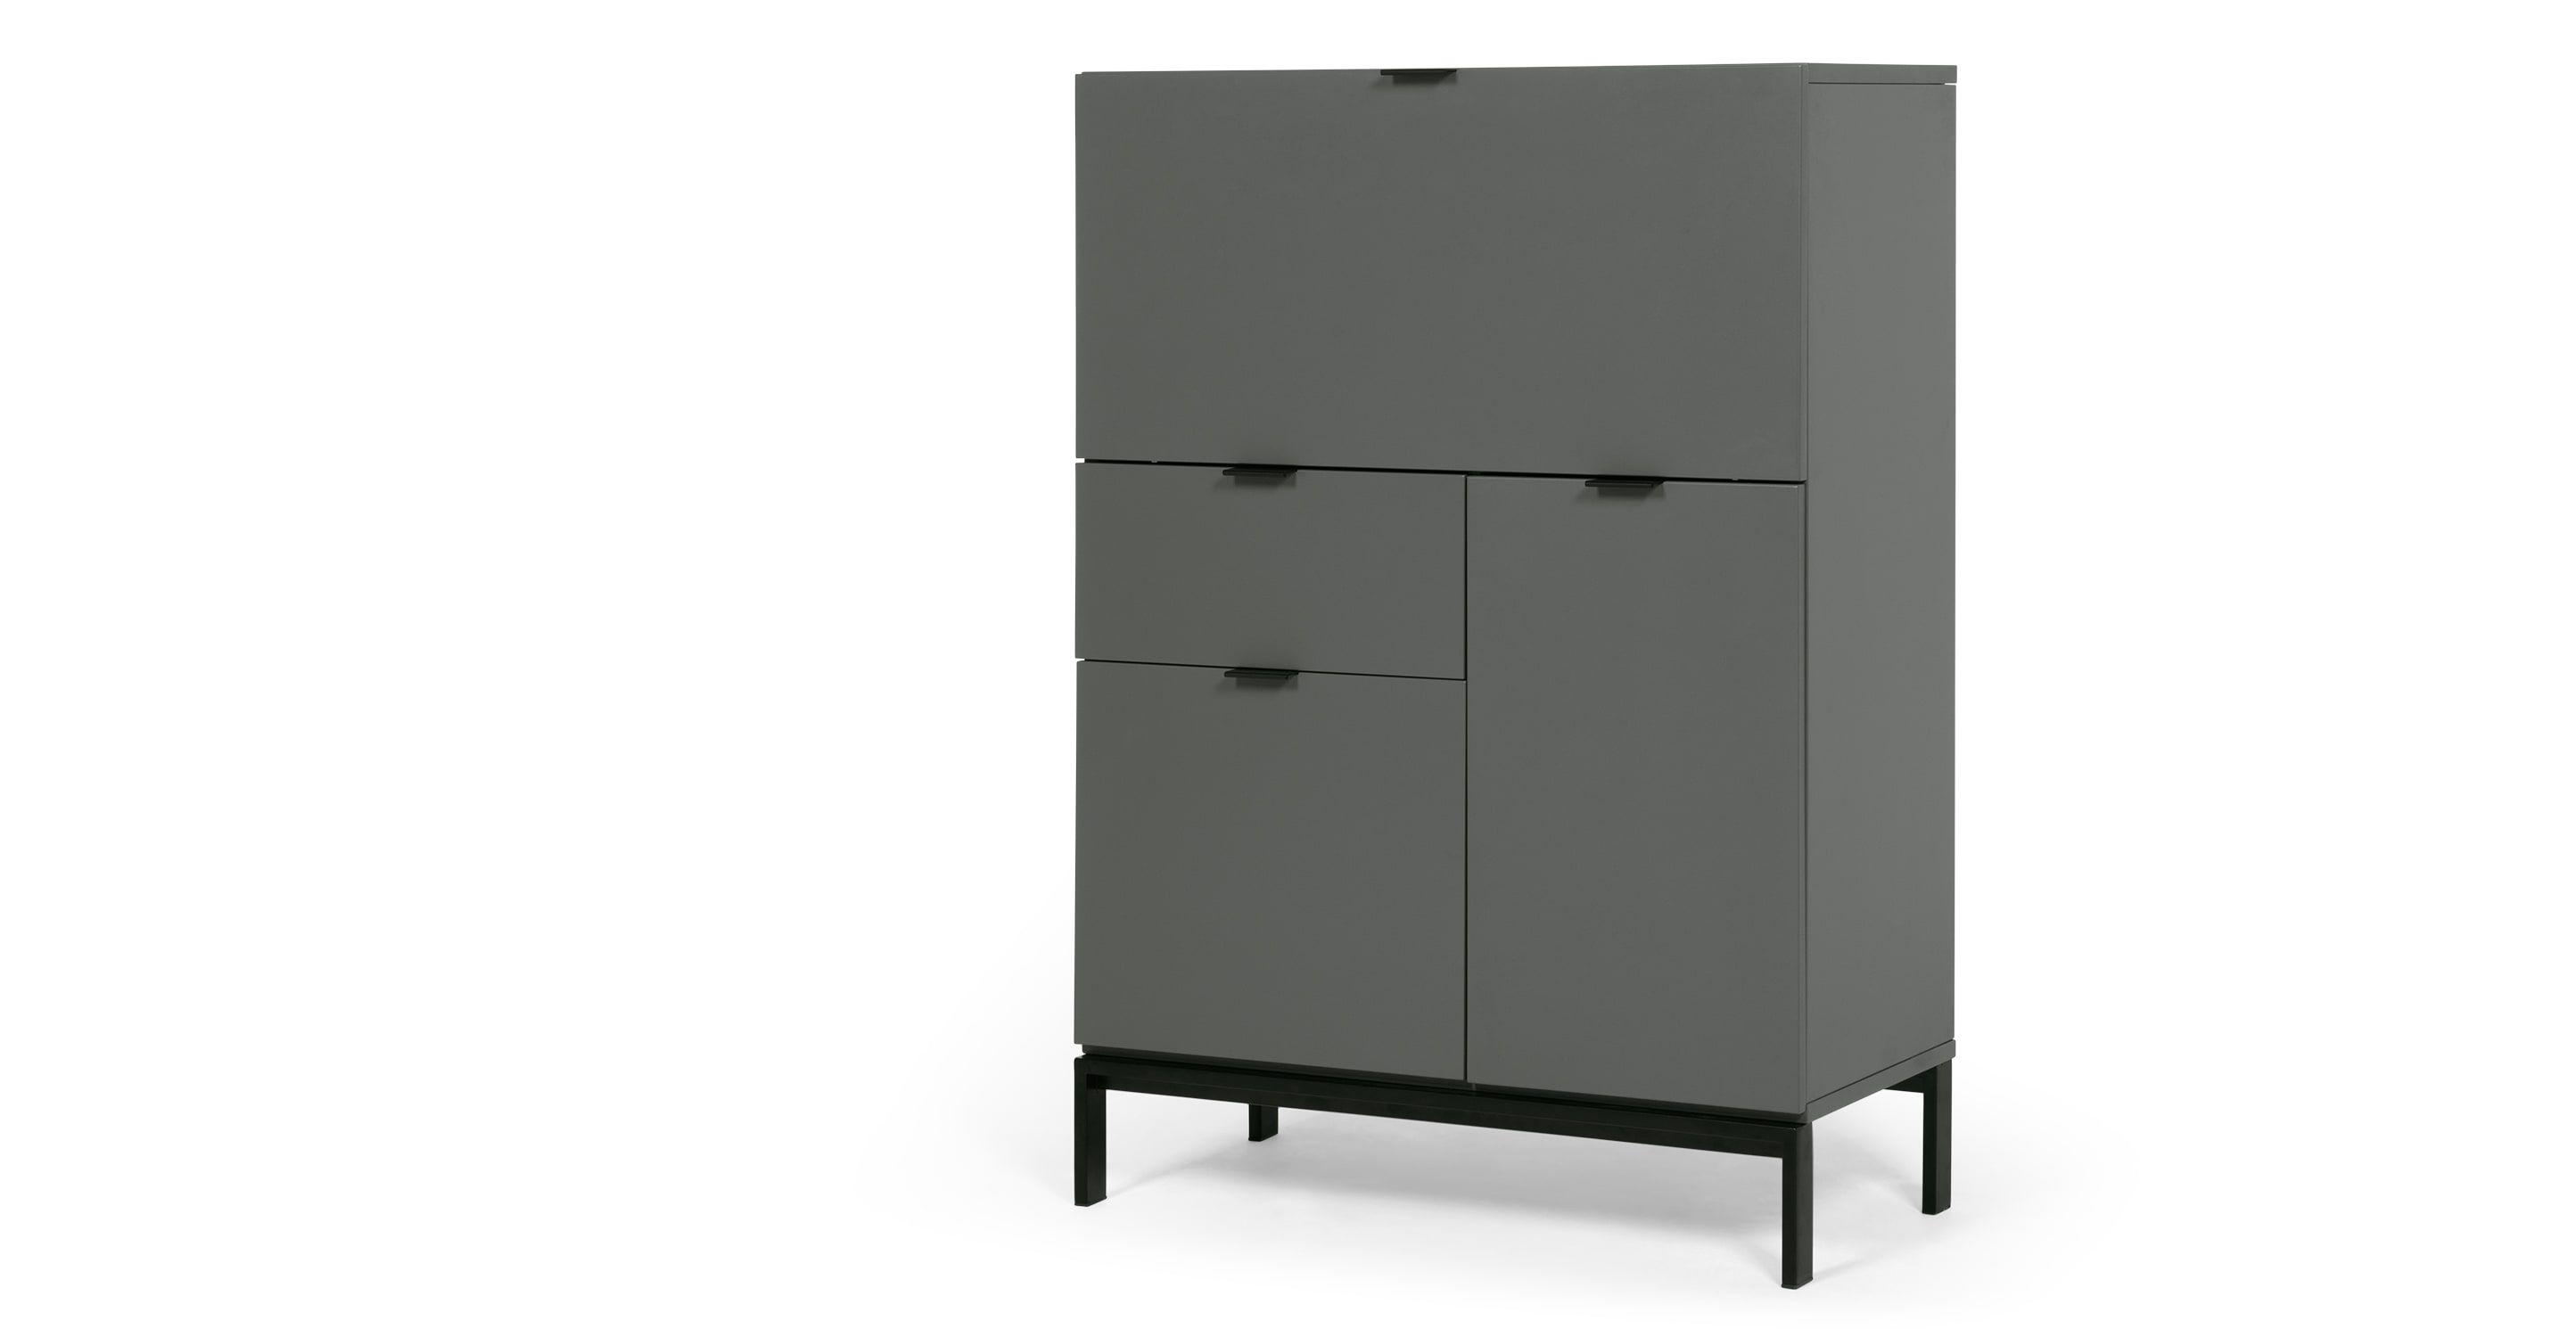 Marcell Desk Bureau White Tall Cabinet Storage Grey Cabinets Locker Storage